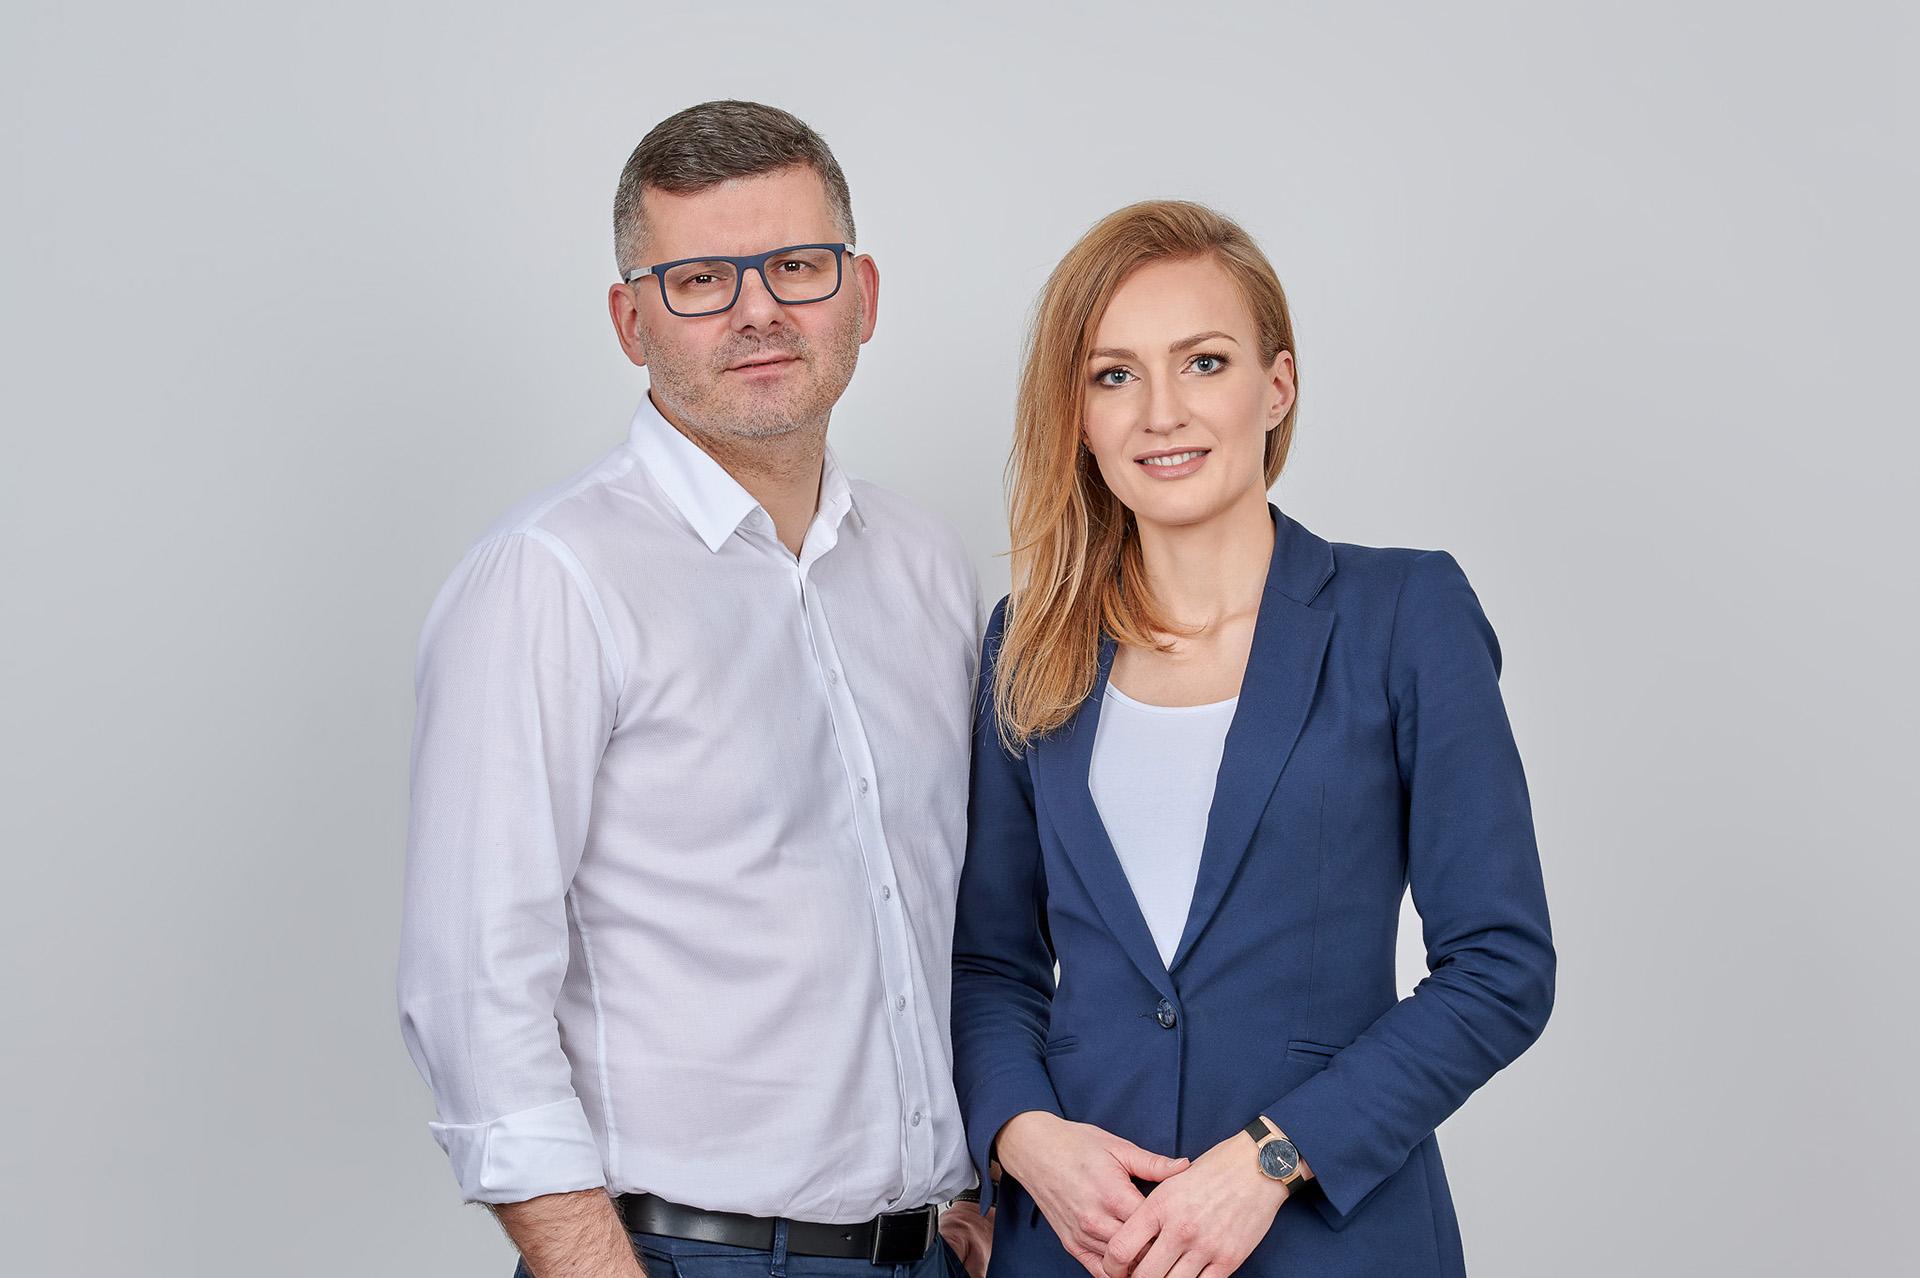 Marcin Zamojda i Magdalena Kittel-Zamojda, założyciele KZ Nieruchomości. Fot. KZ Nieruchomości